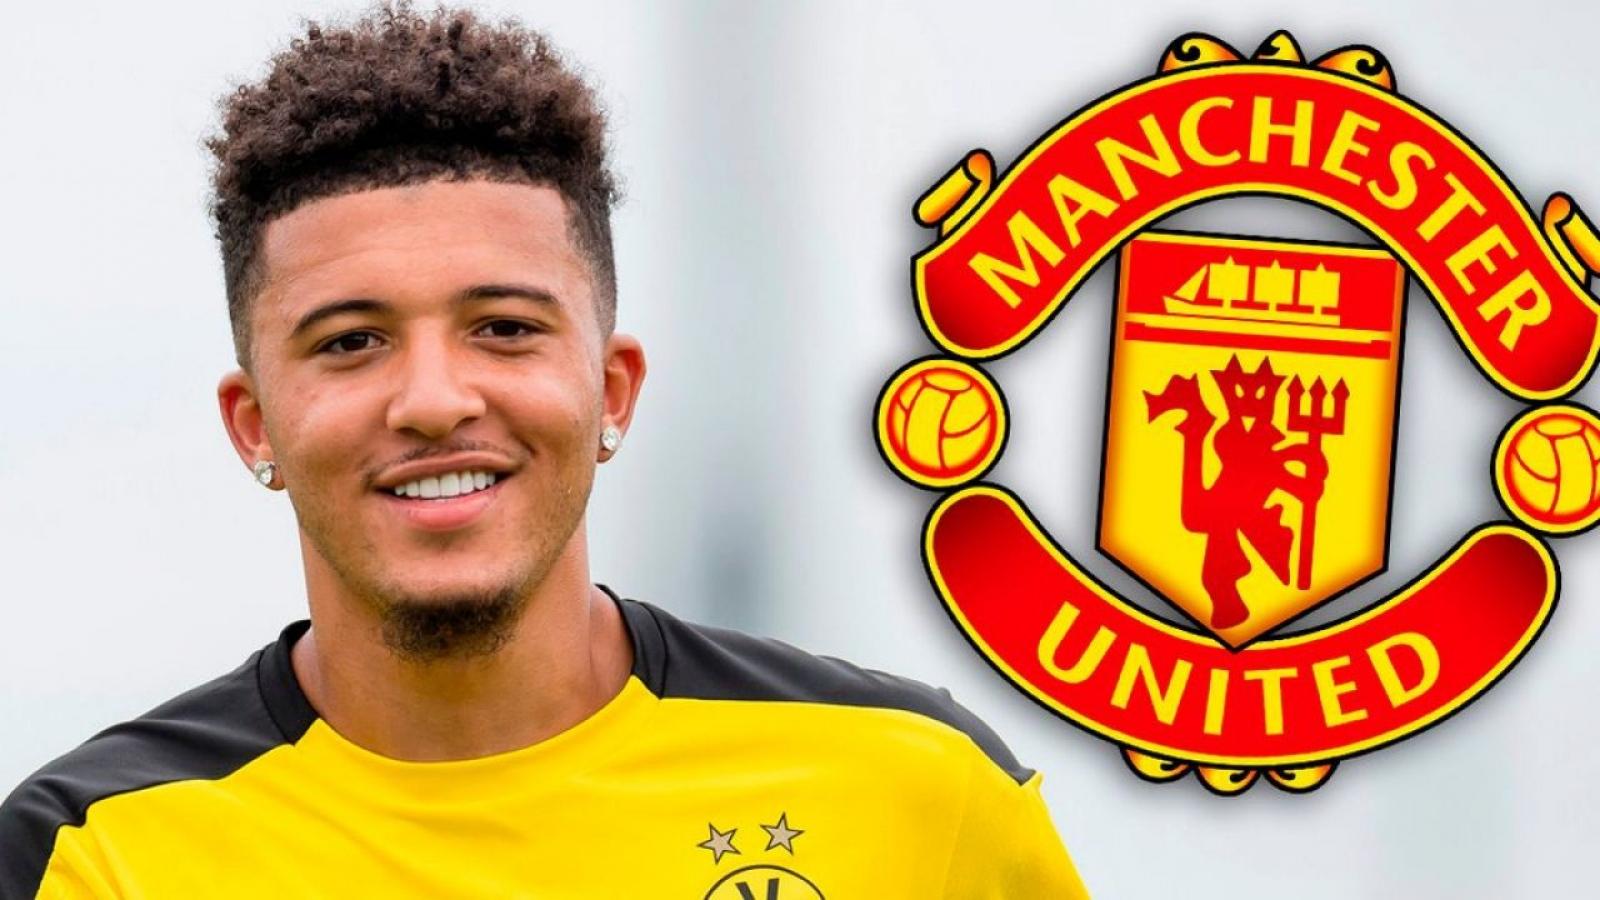 Dấu hiệu cho thấy Dortmund sắp sửa bán Sancho cho MU?